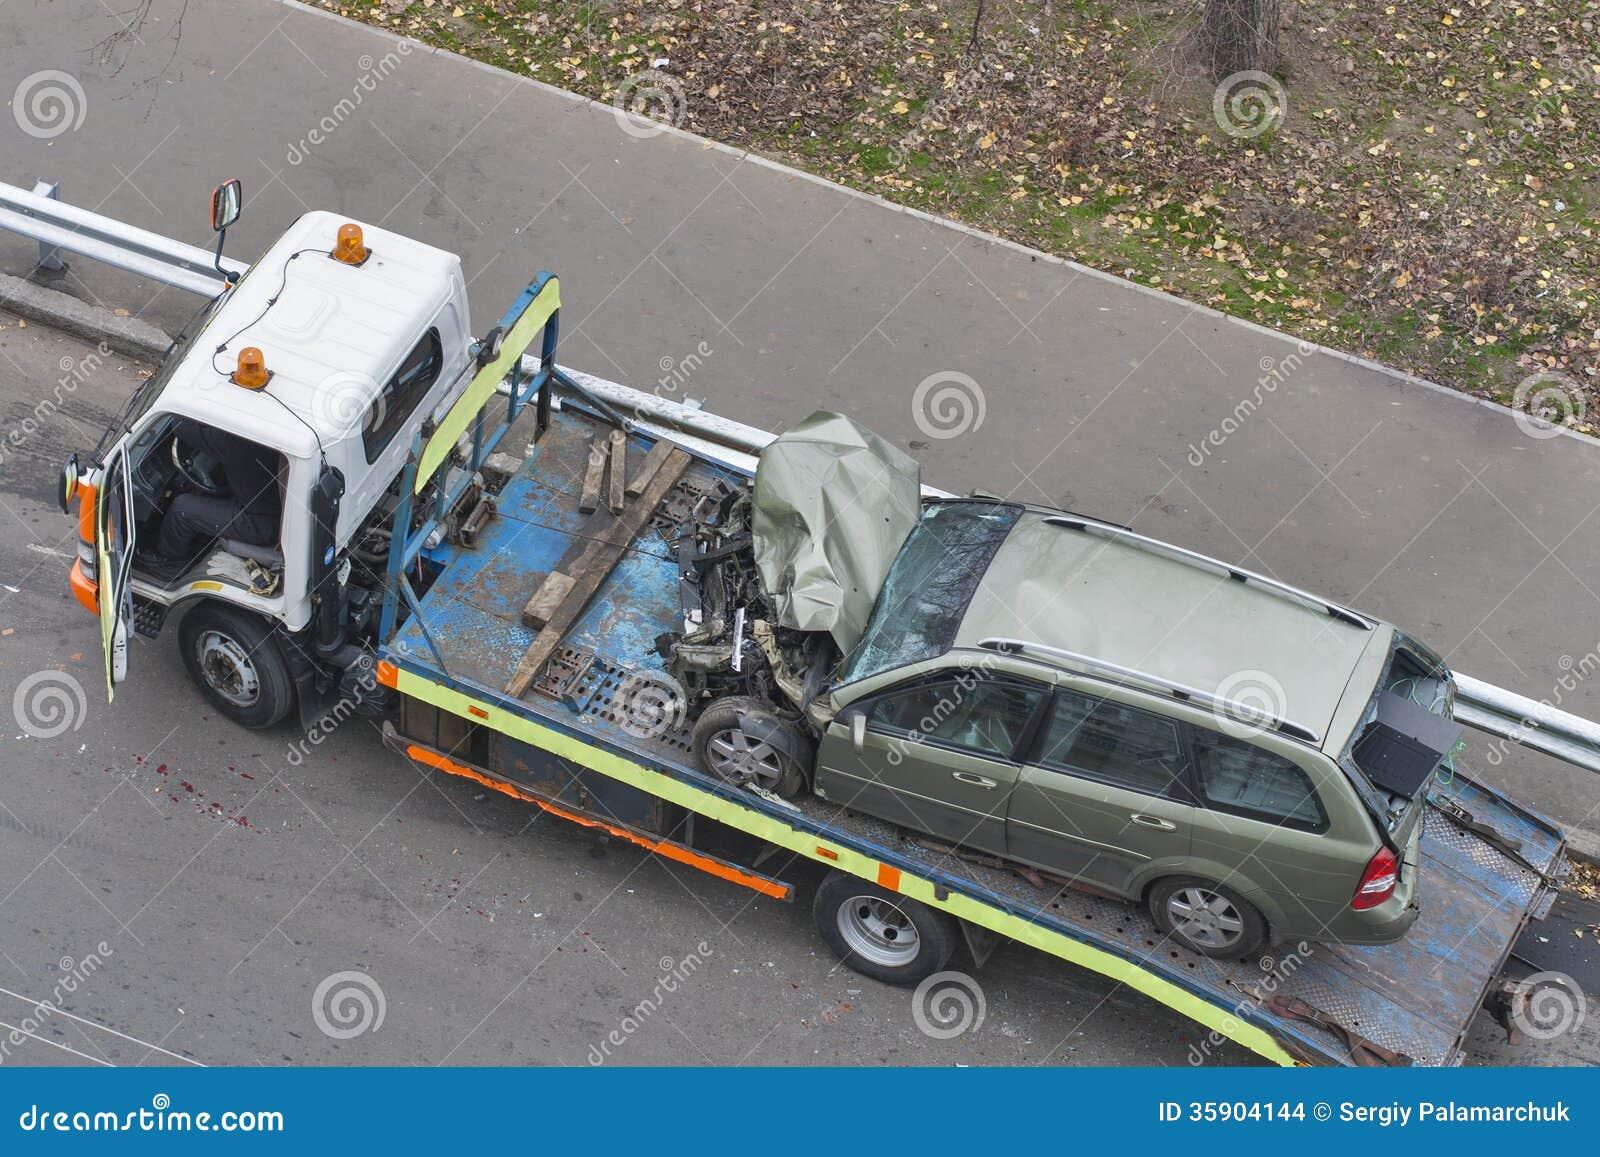 voiture apr s accident de la route embarqu e dans la d panneuse photo stock image 35904144. Black Bedroom Furniture Sets. Home Design Ideas